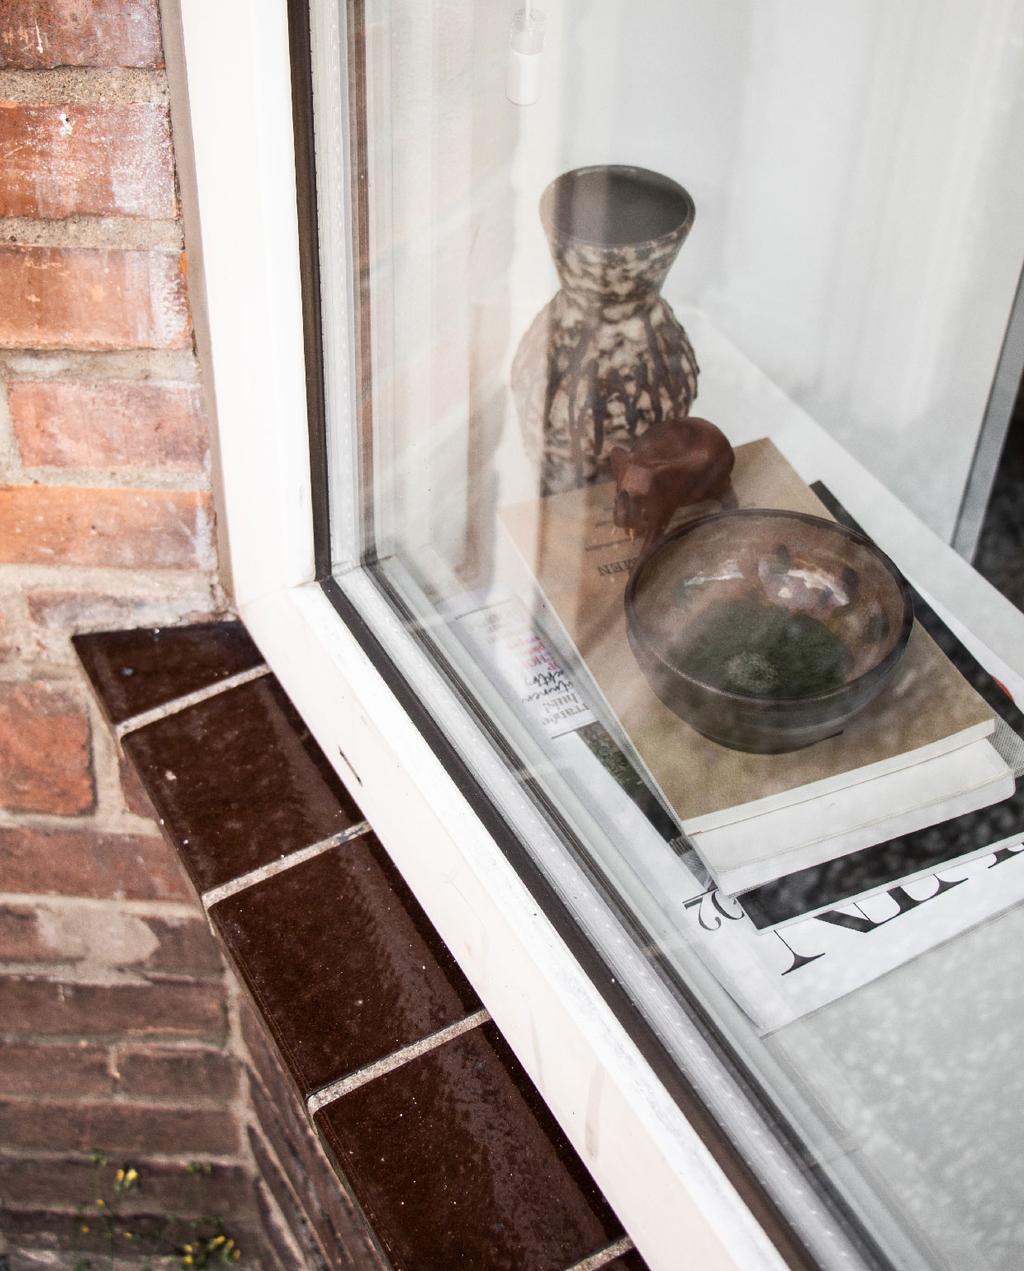 vtwonen blog rachel | vensterbank stylen met schaaltjes en vaasjes